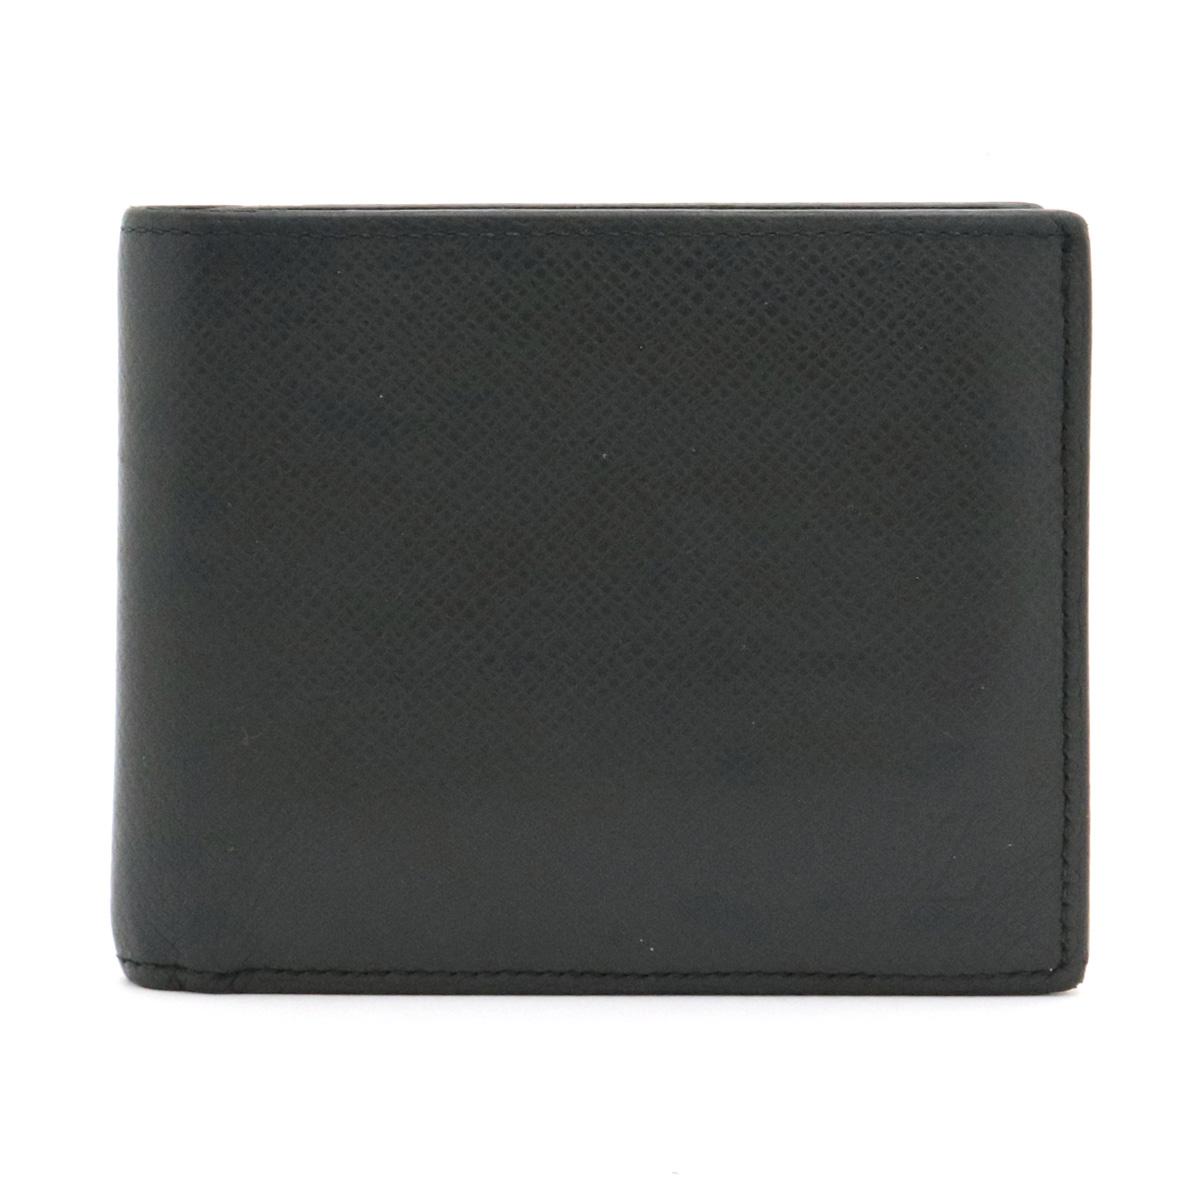 【財布】LOUIS VUITTON ルイ ヴィトン タイガ ポルトフォイユ アメリゴ 2つ折財布 二つ折り レザー アルドワーズ ブラック 黒 メンズ M42100 【中古】